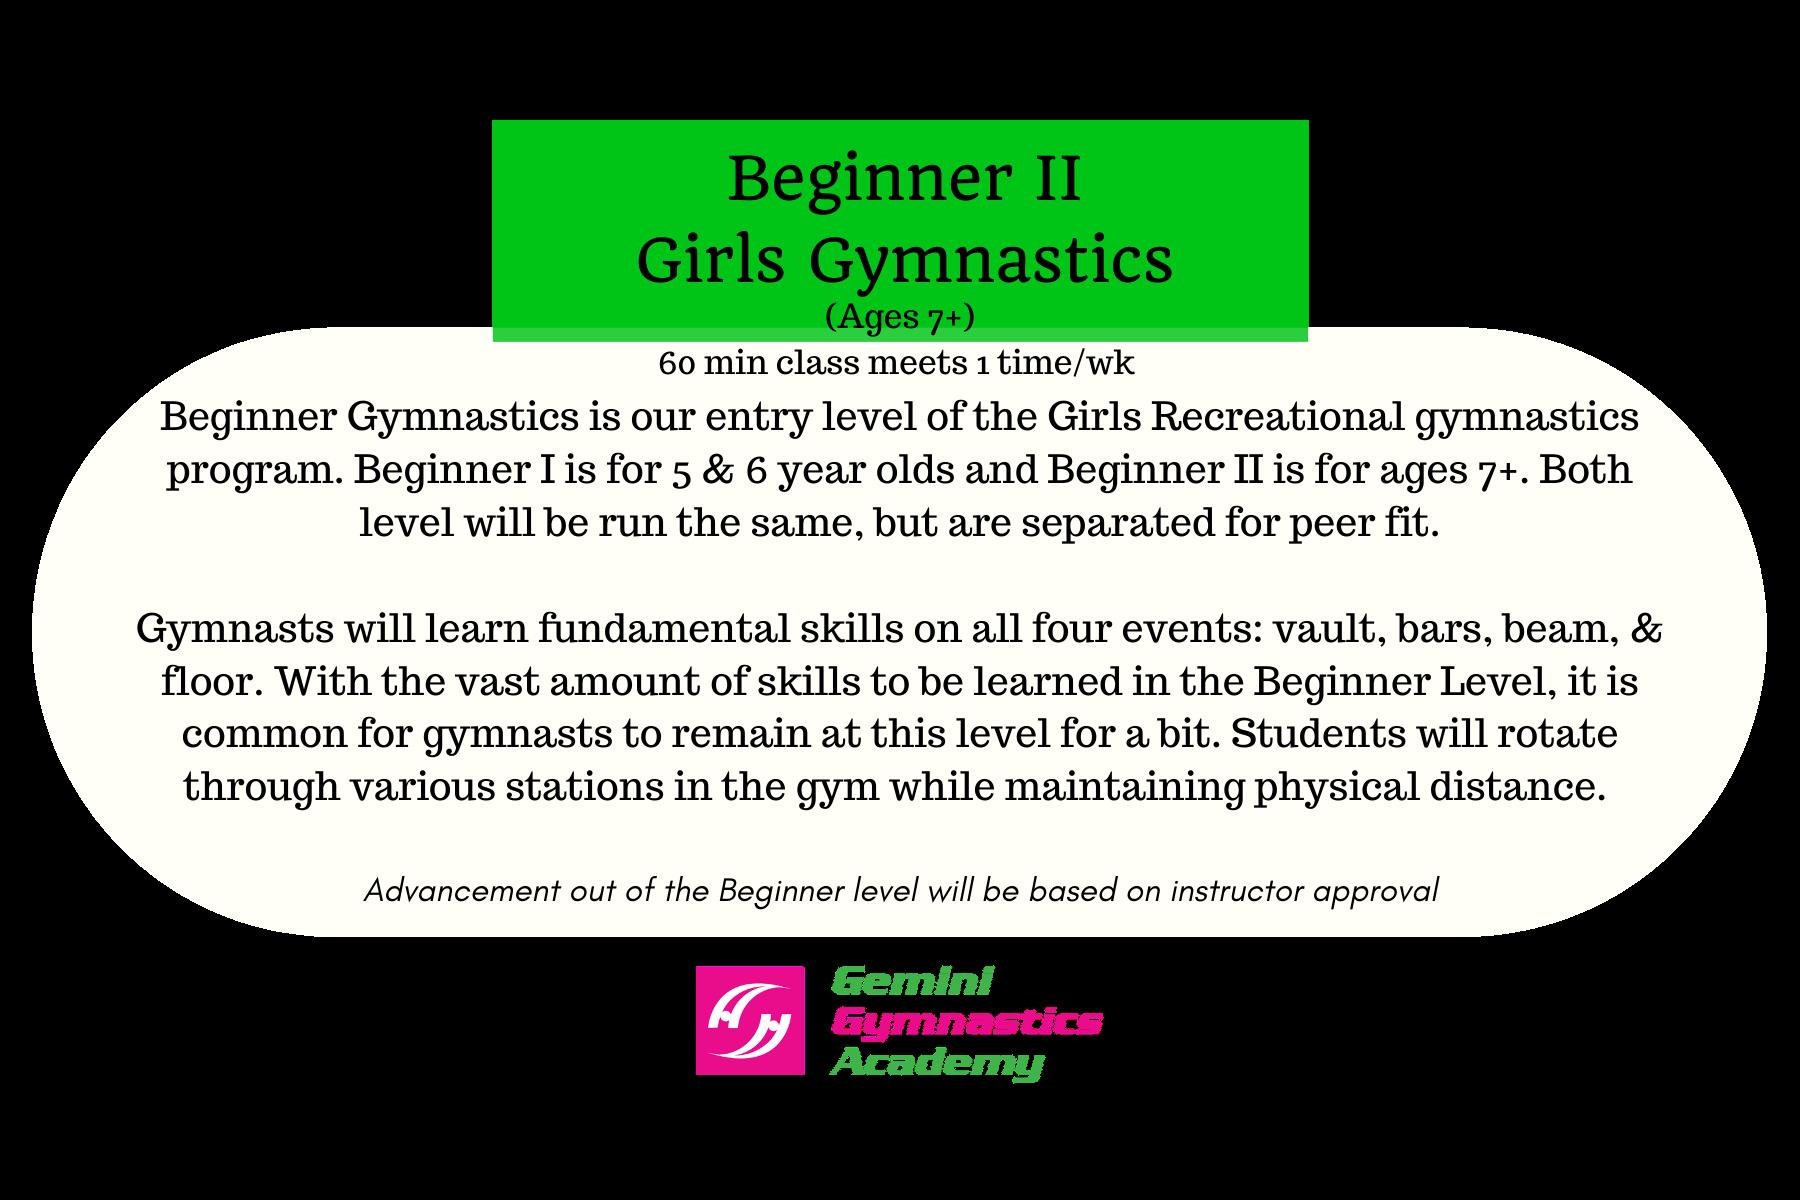 Beg gymnastics II